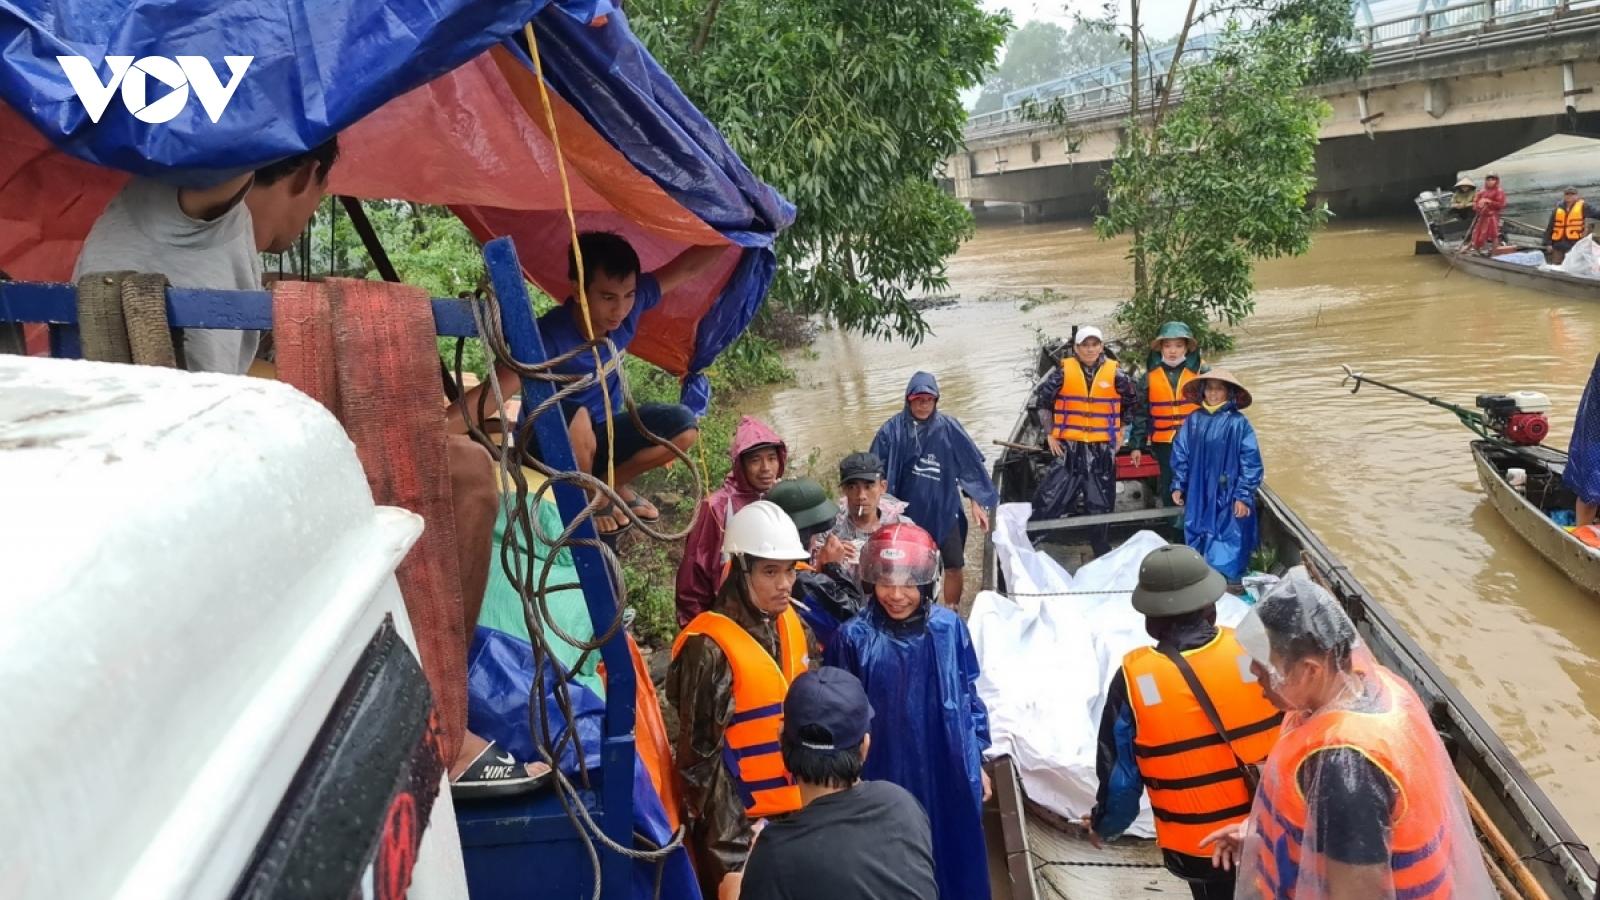 Tỉnh Quảng Nam tiếp nhận 6 tỷ đồng ủng hộ người dân vùng lũ